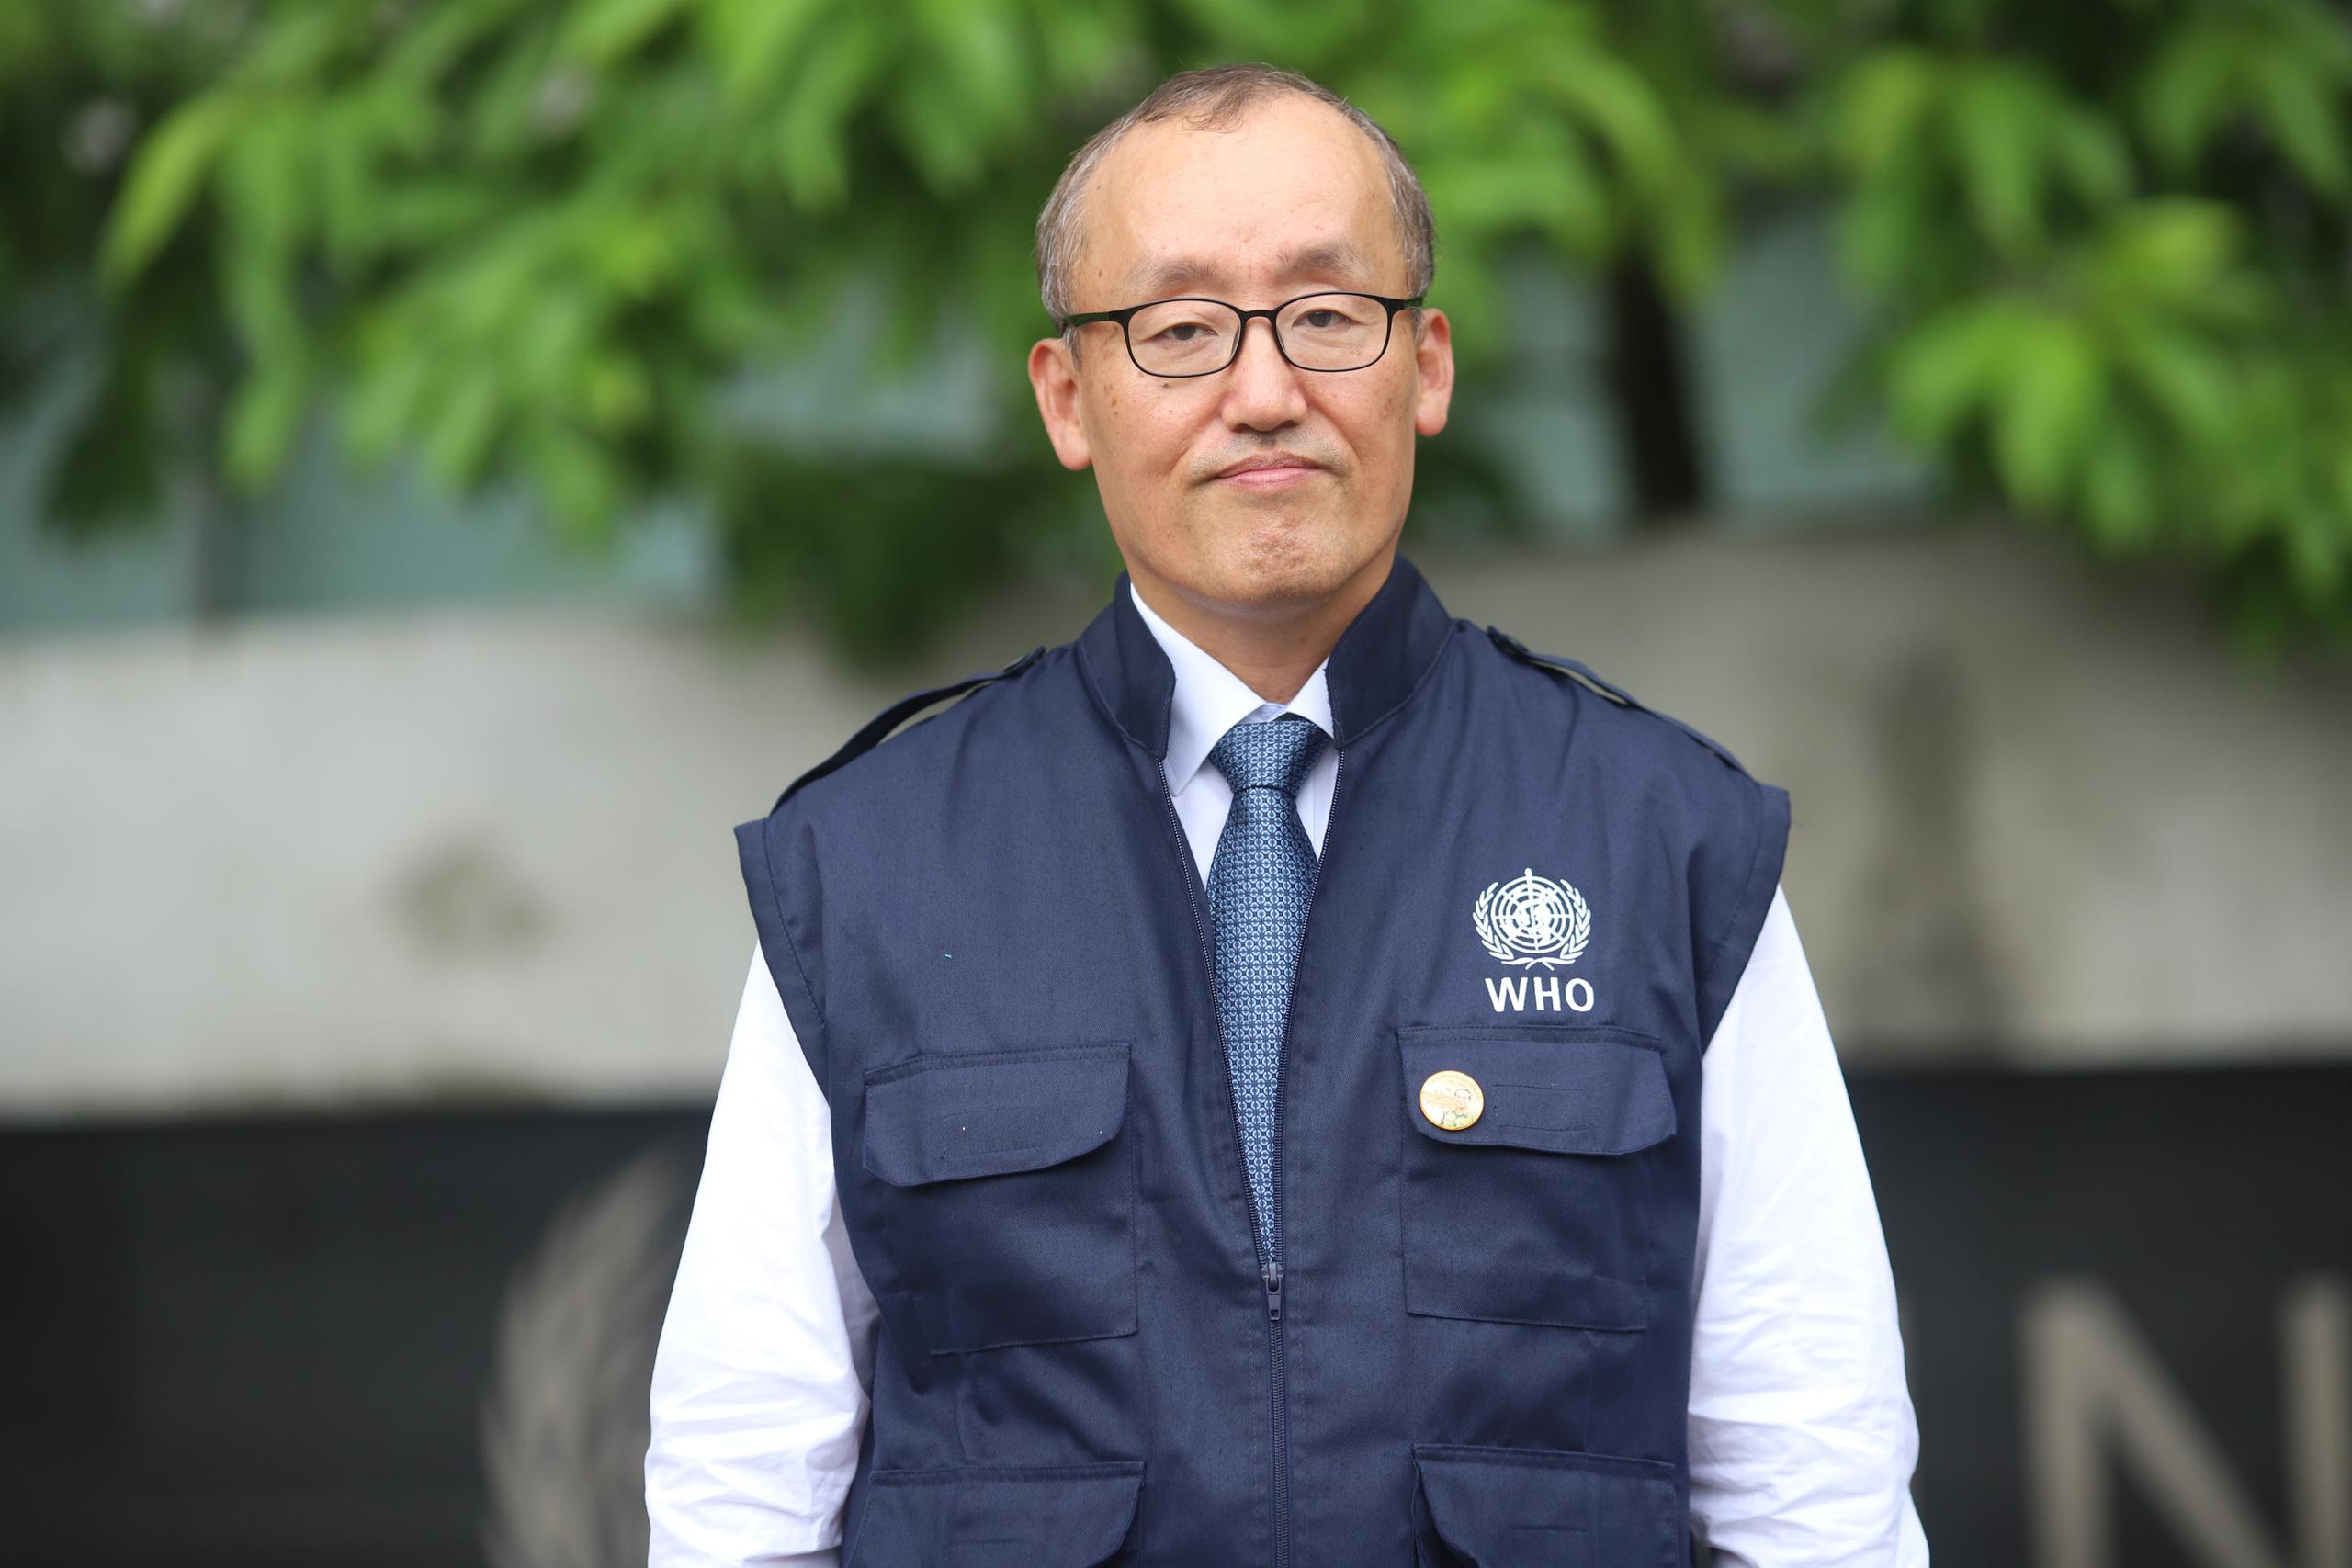 Dự kiến Việt Nam sẽ áp dụng công nghệ của Pfizer để sản xuất vaccine Covid-19 trên quy mô lớn - Ảnh 2.